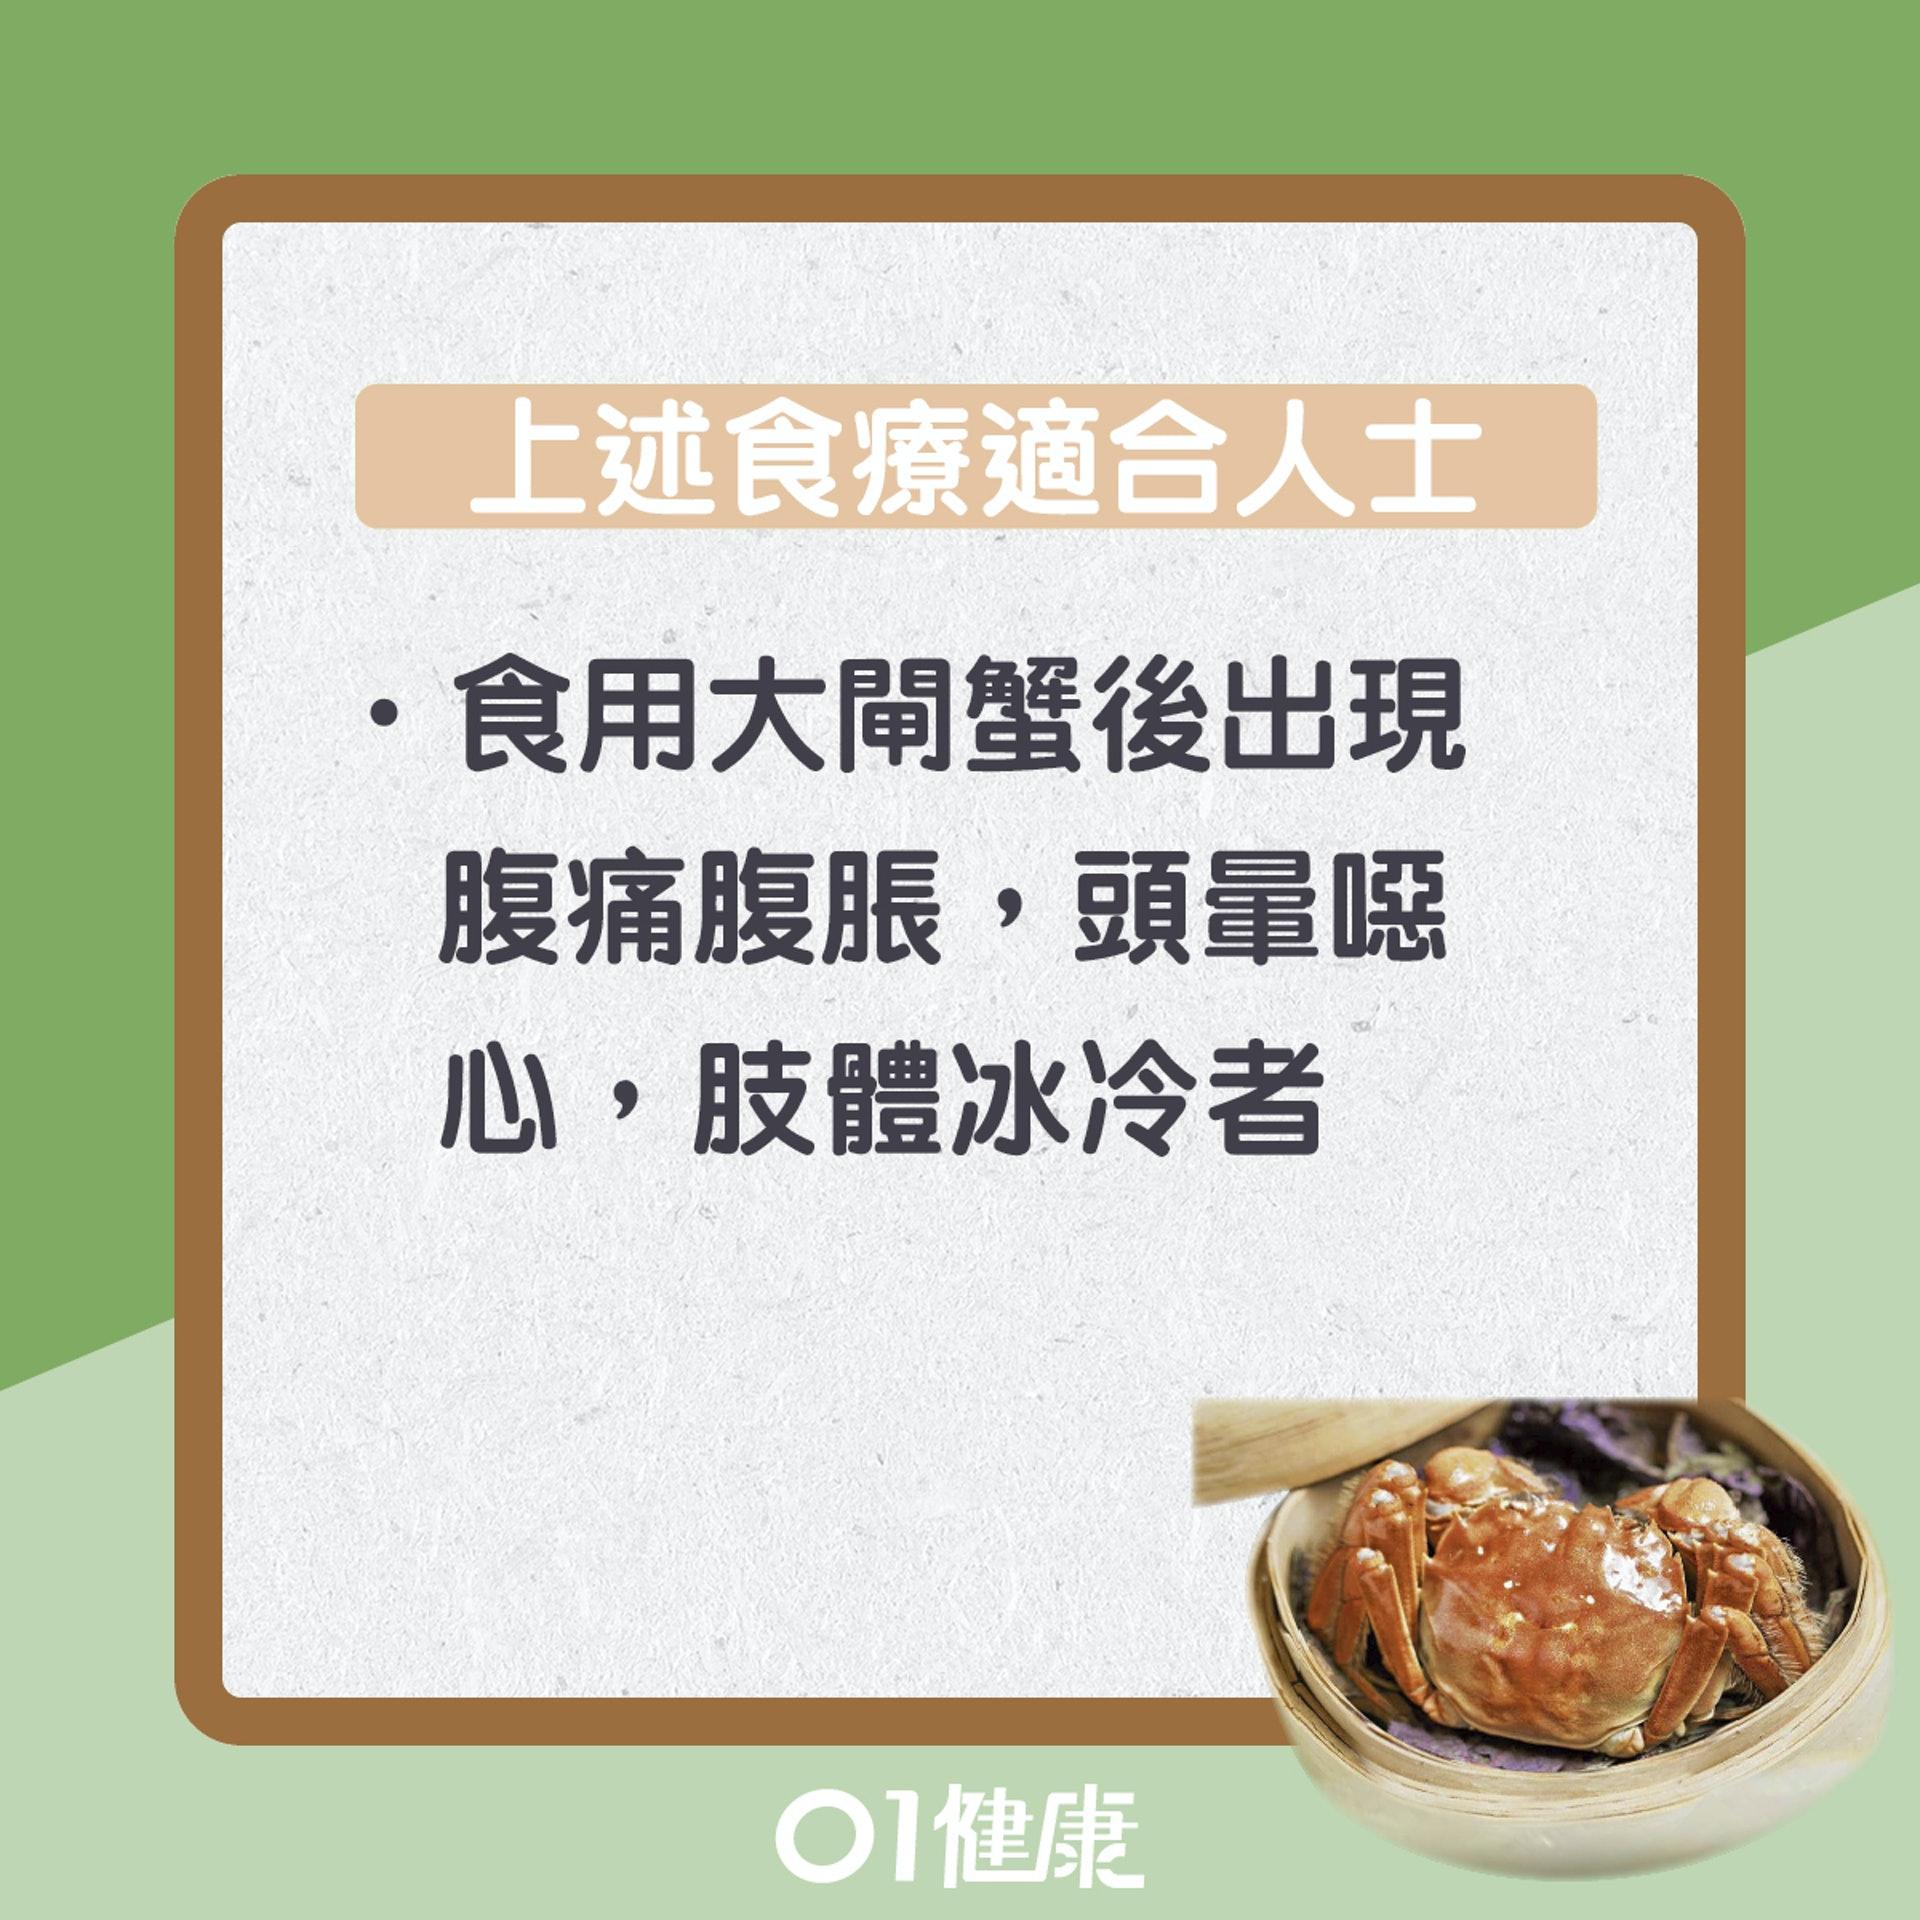 當歸生薑羊肉湯(01製圖)